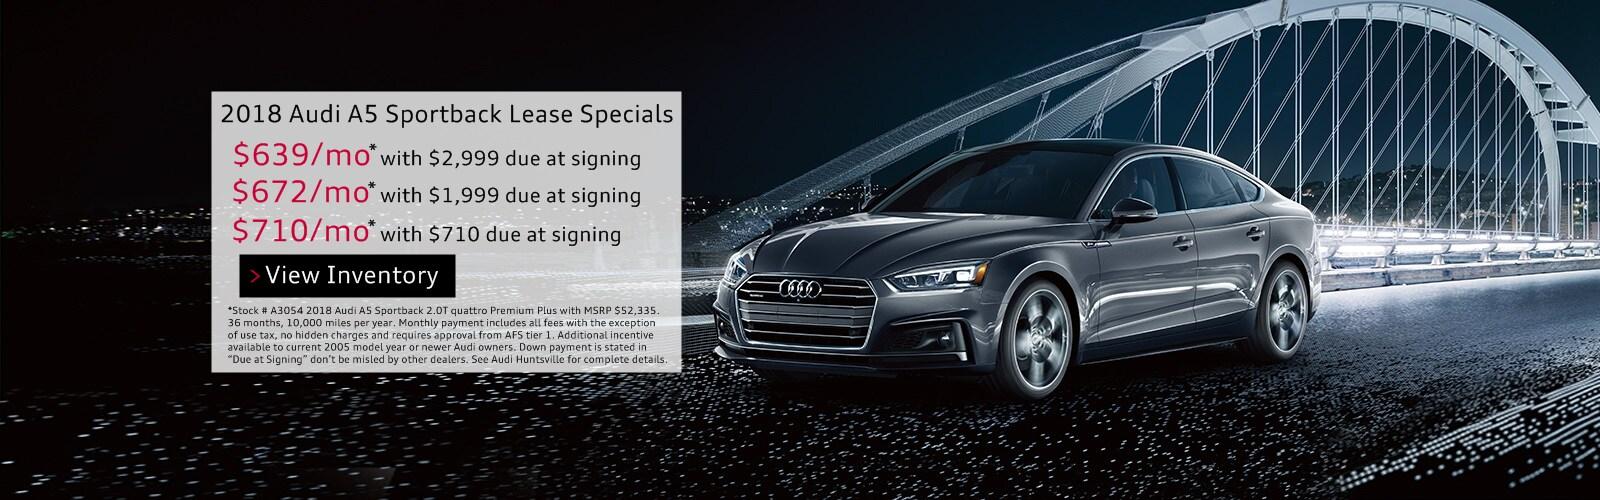 Audi Huntsville New Audi Used Car Dealer In Huntsville AL - Audi huntsville